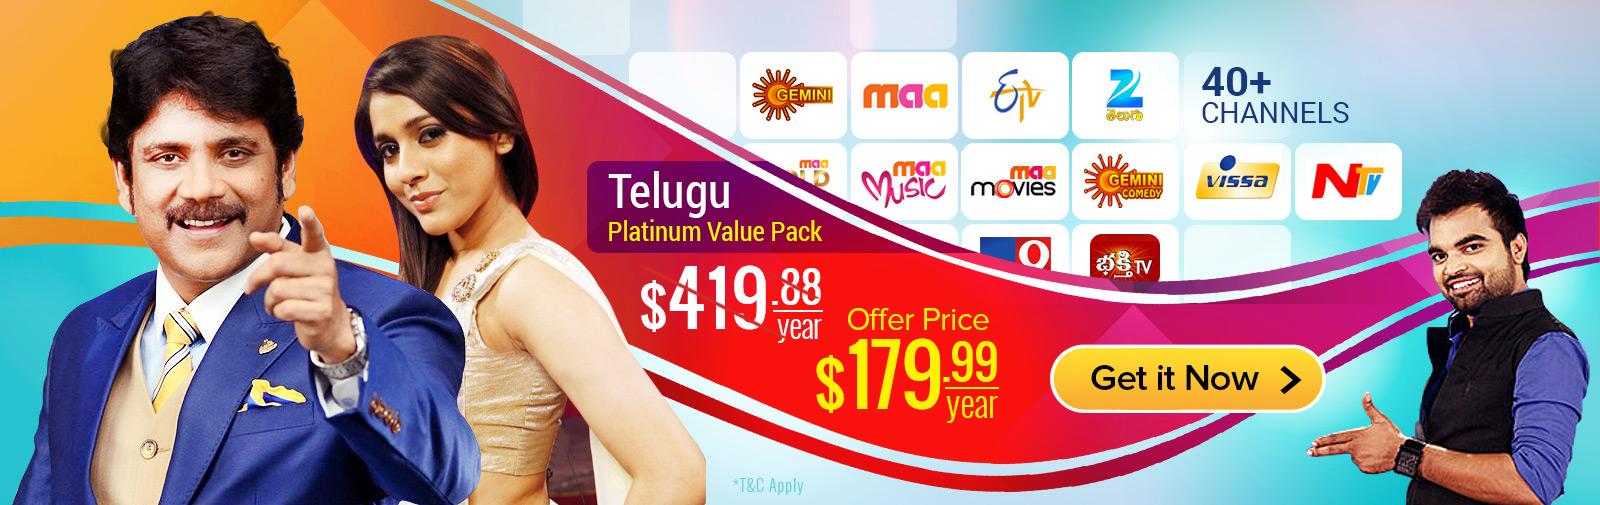 Yupptv telugu : Best buy appliances clearance